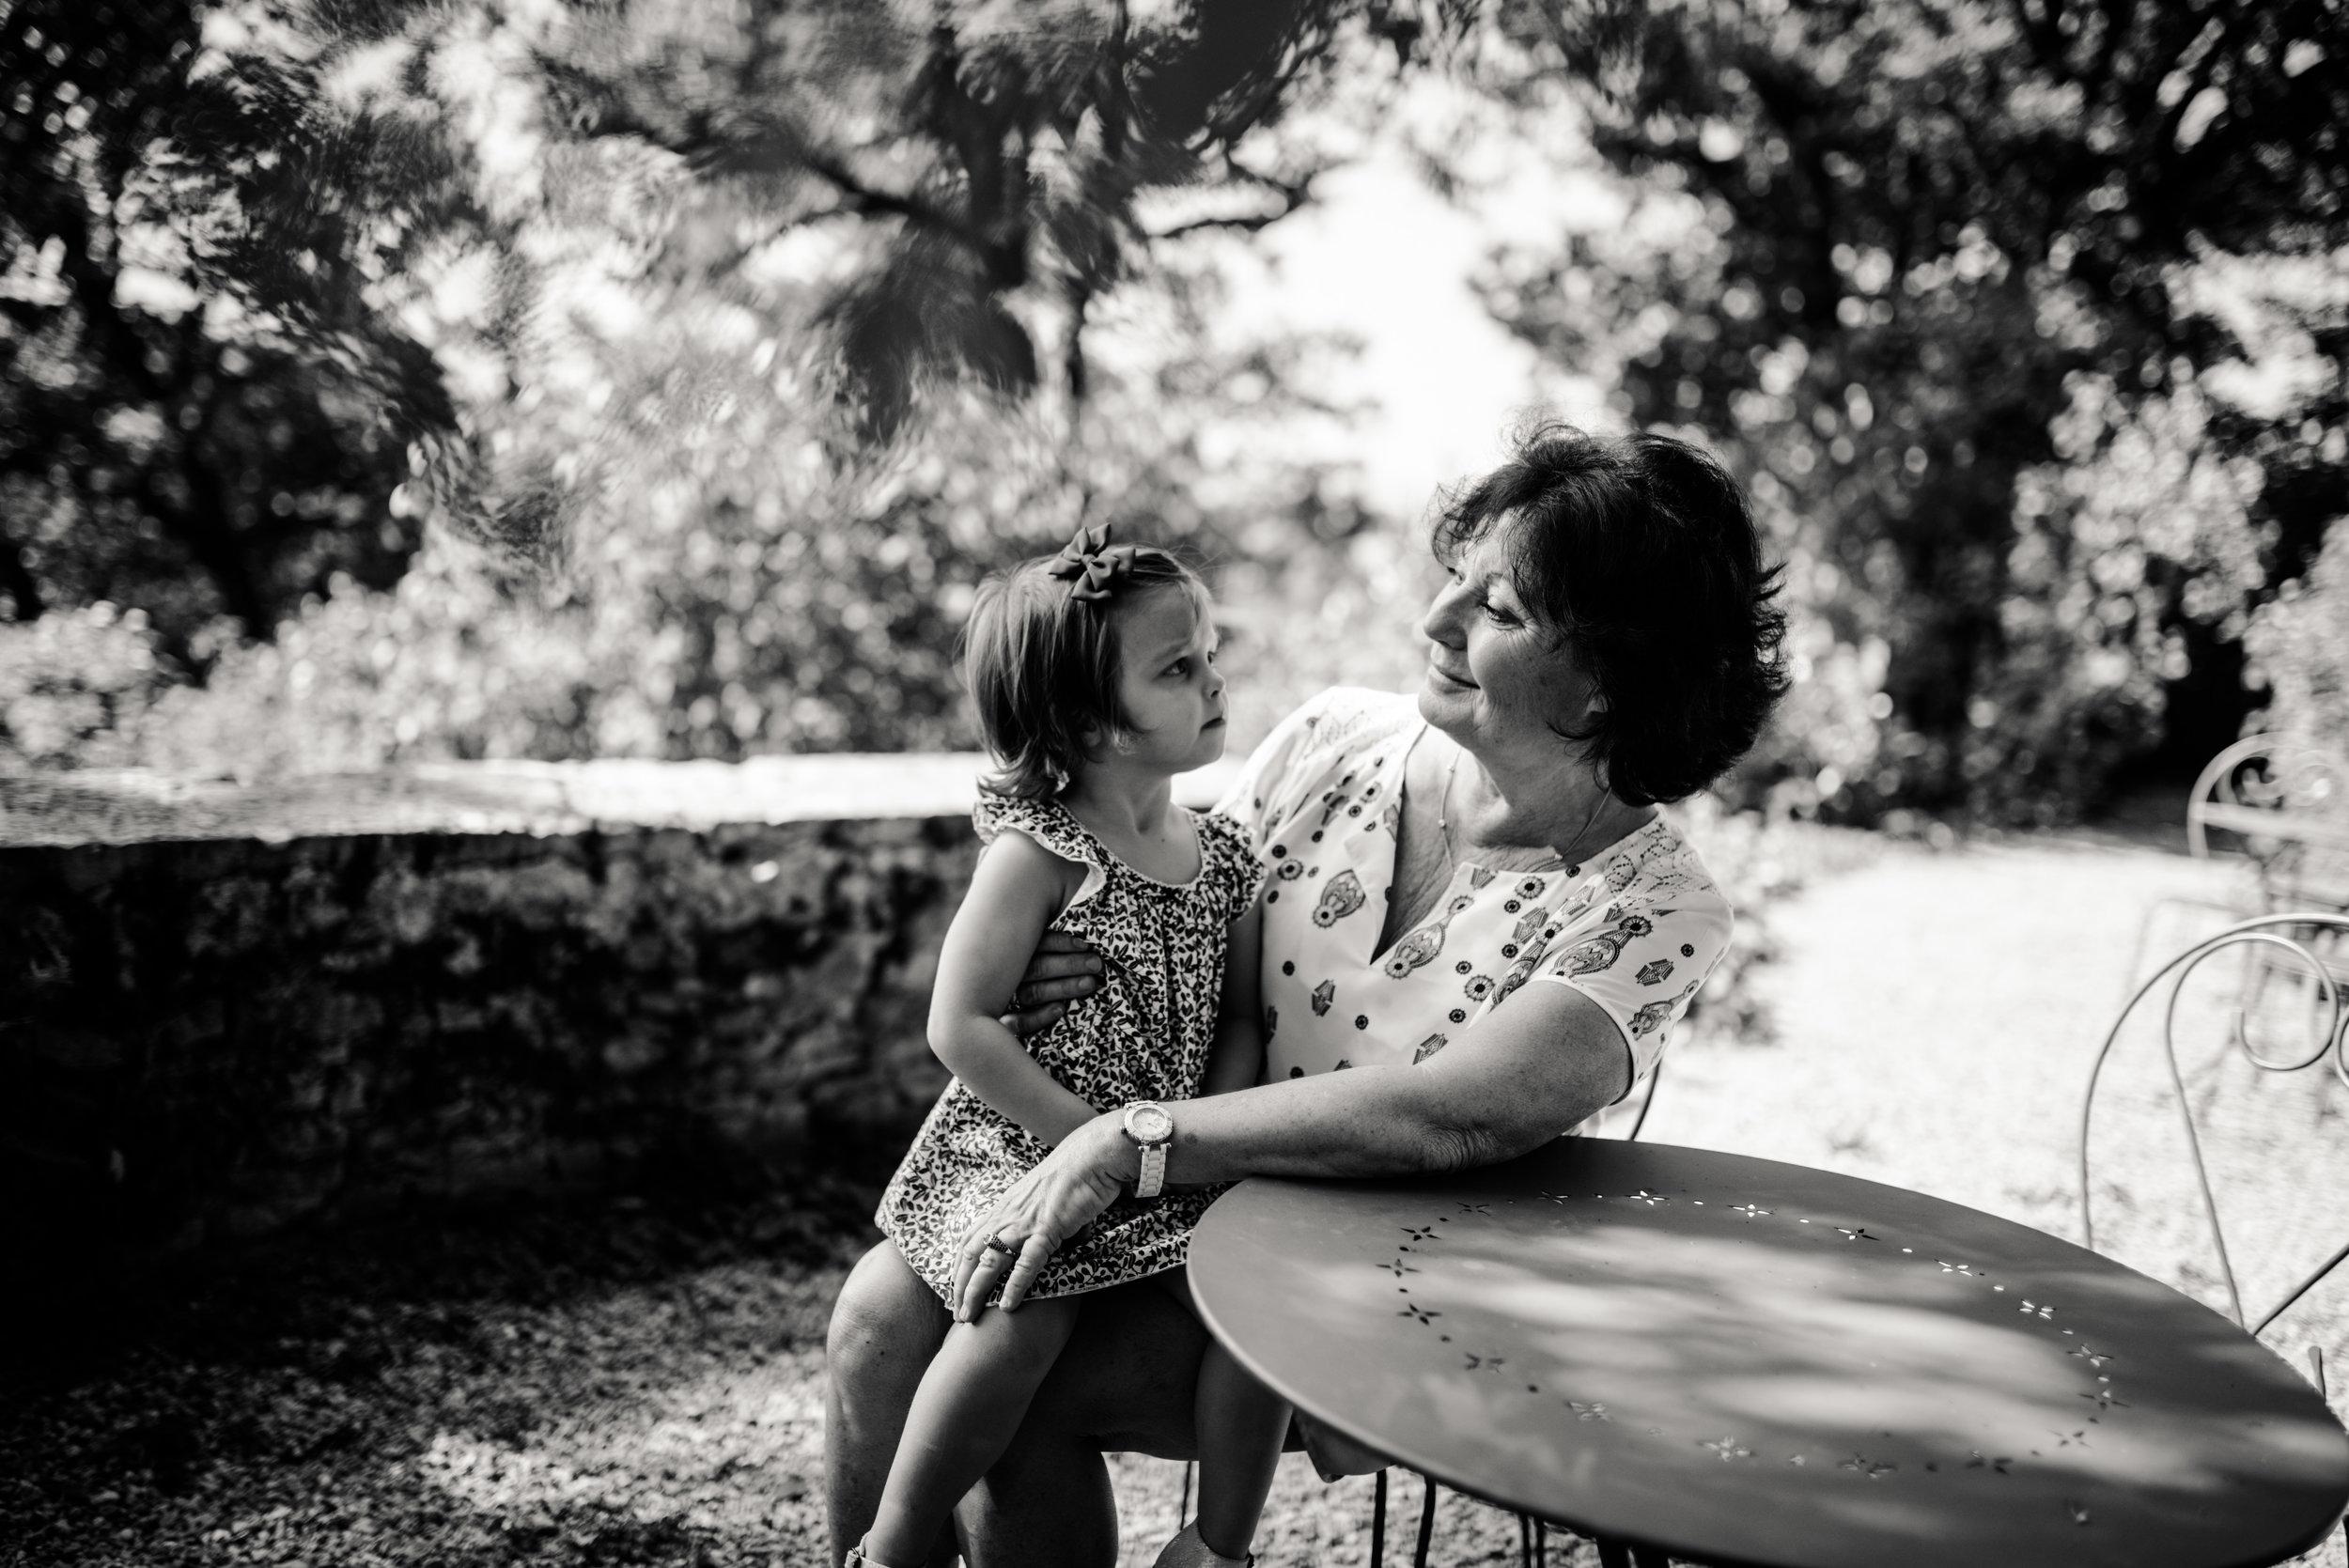 Léa-Fery-photographe-professionnel-lyon-rhone-alpes-portrait-creation-mariage-evenement-evenementiel-famille-4432.jpg